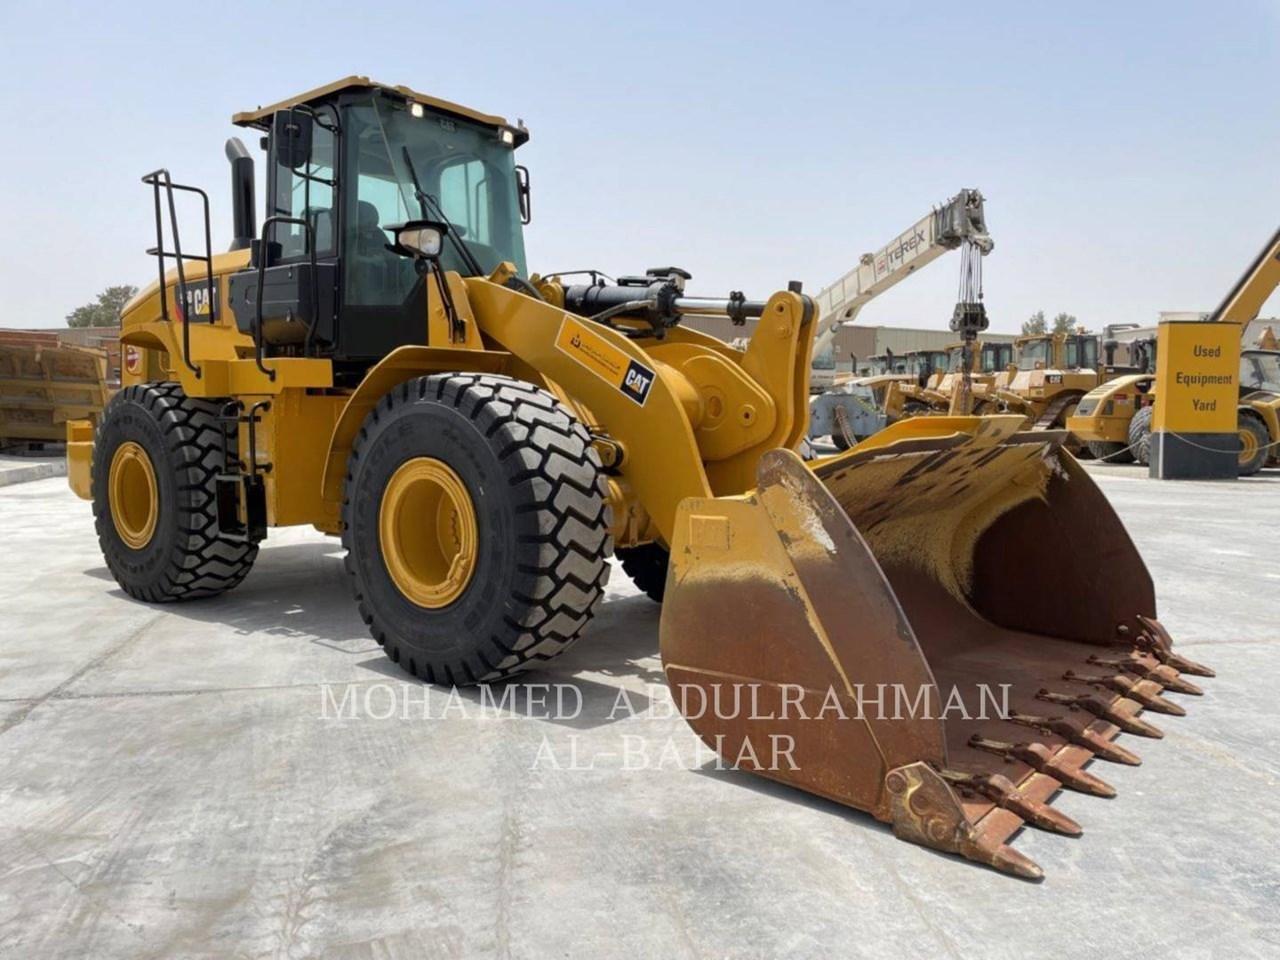 2018 Caterpillar 950GC Image 7